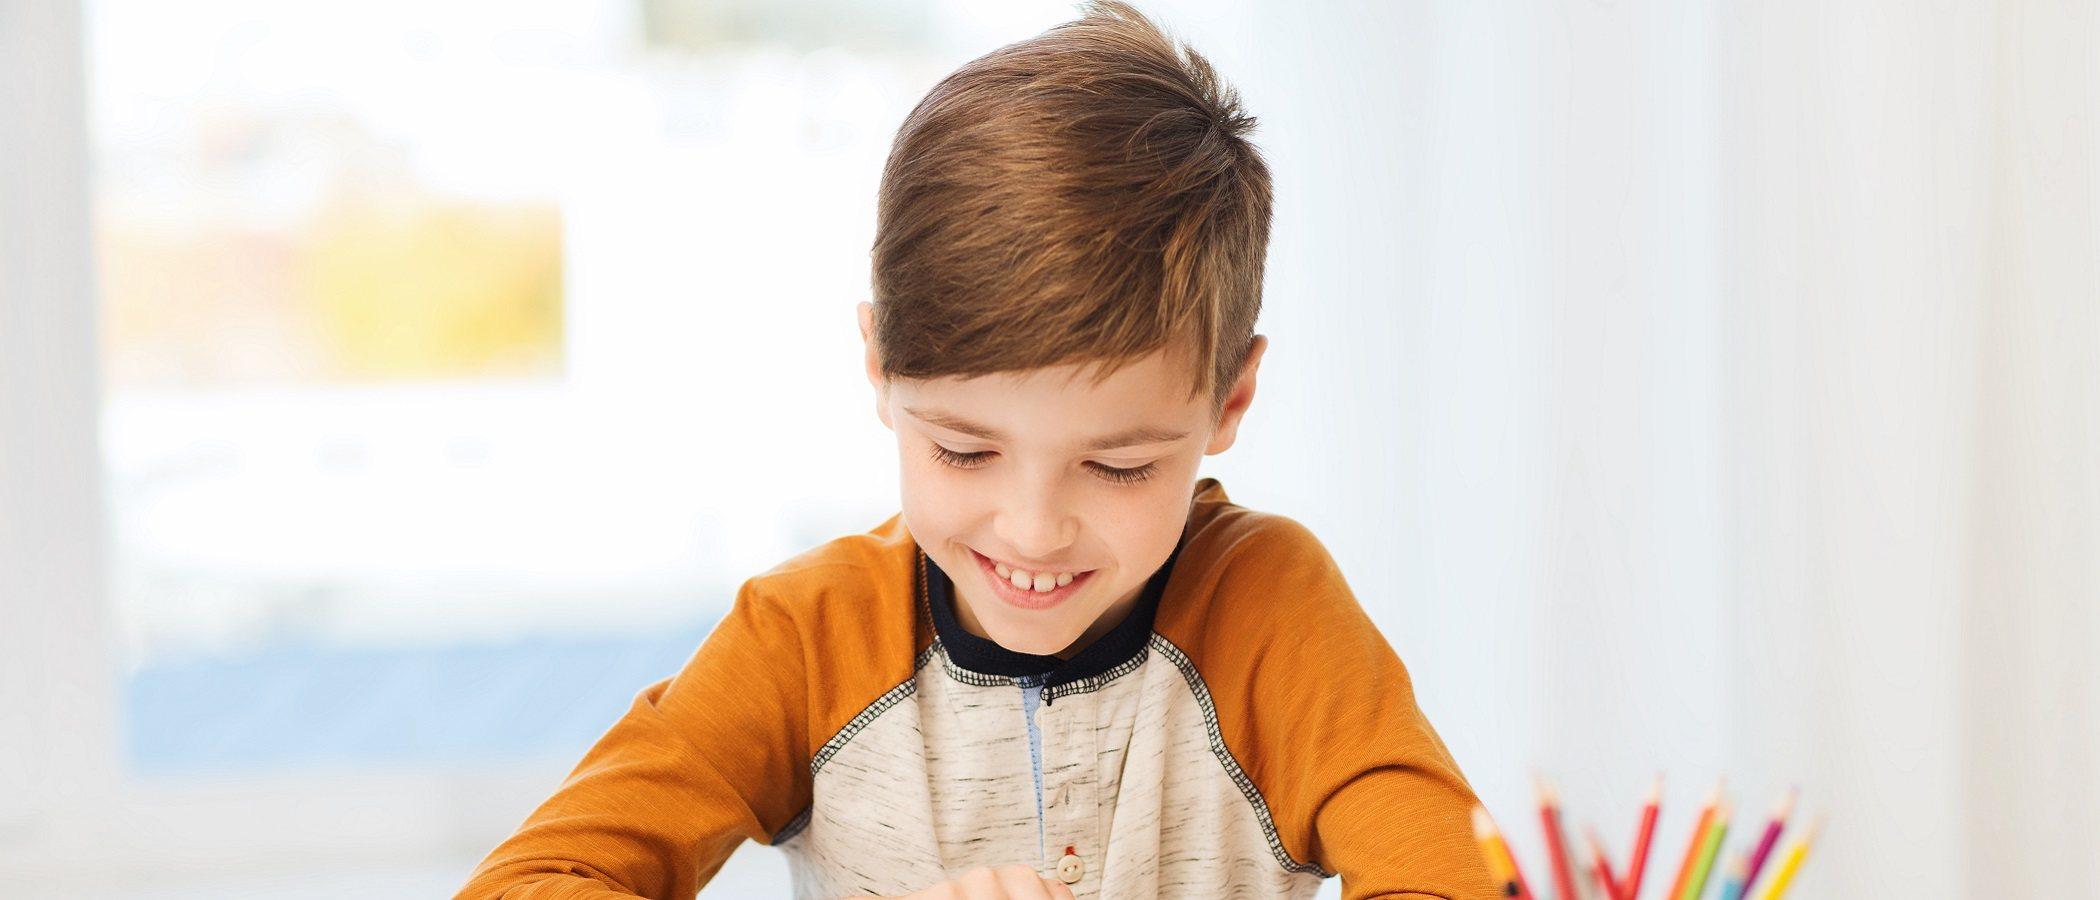 5 actividades divertidas de fonética para niños